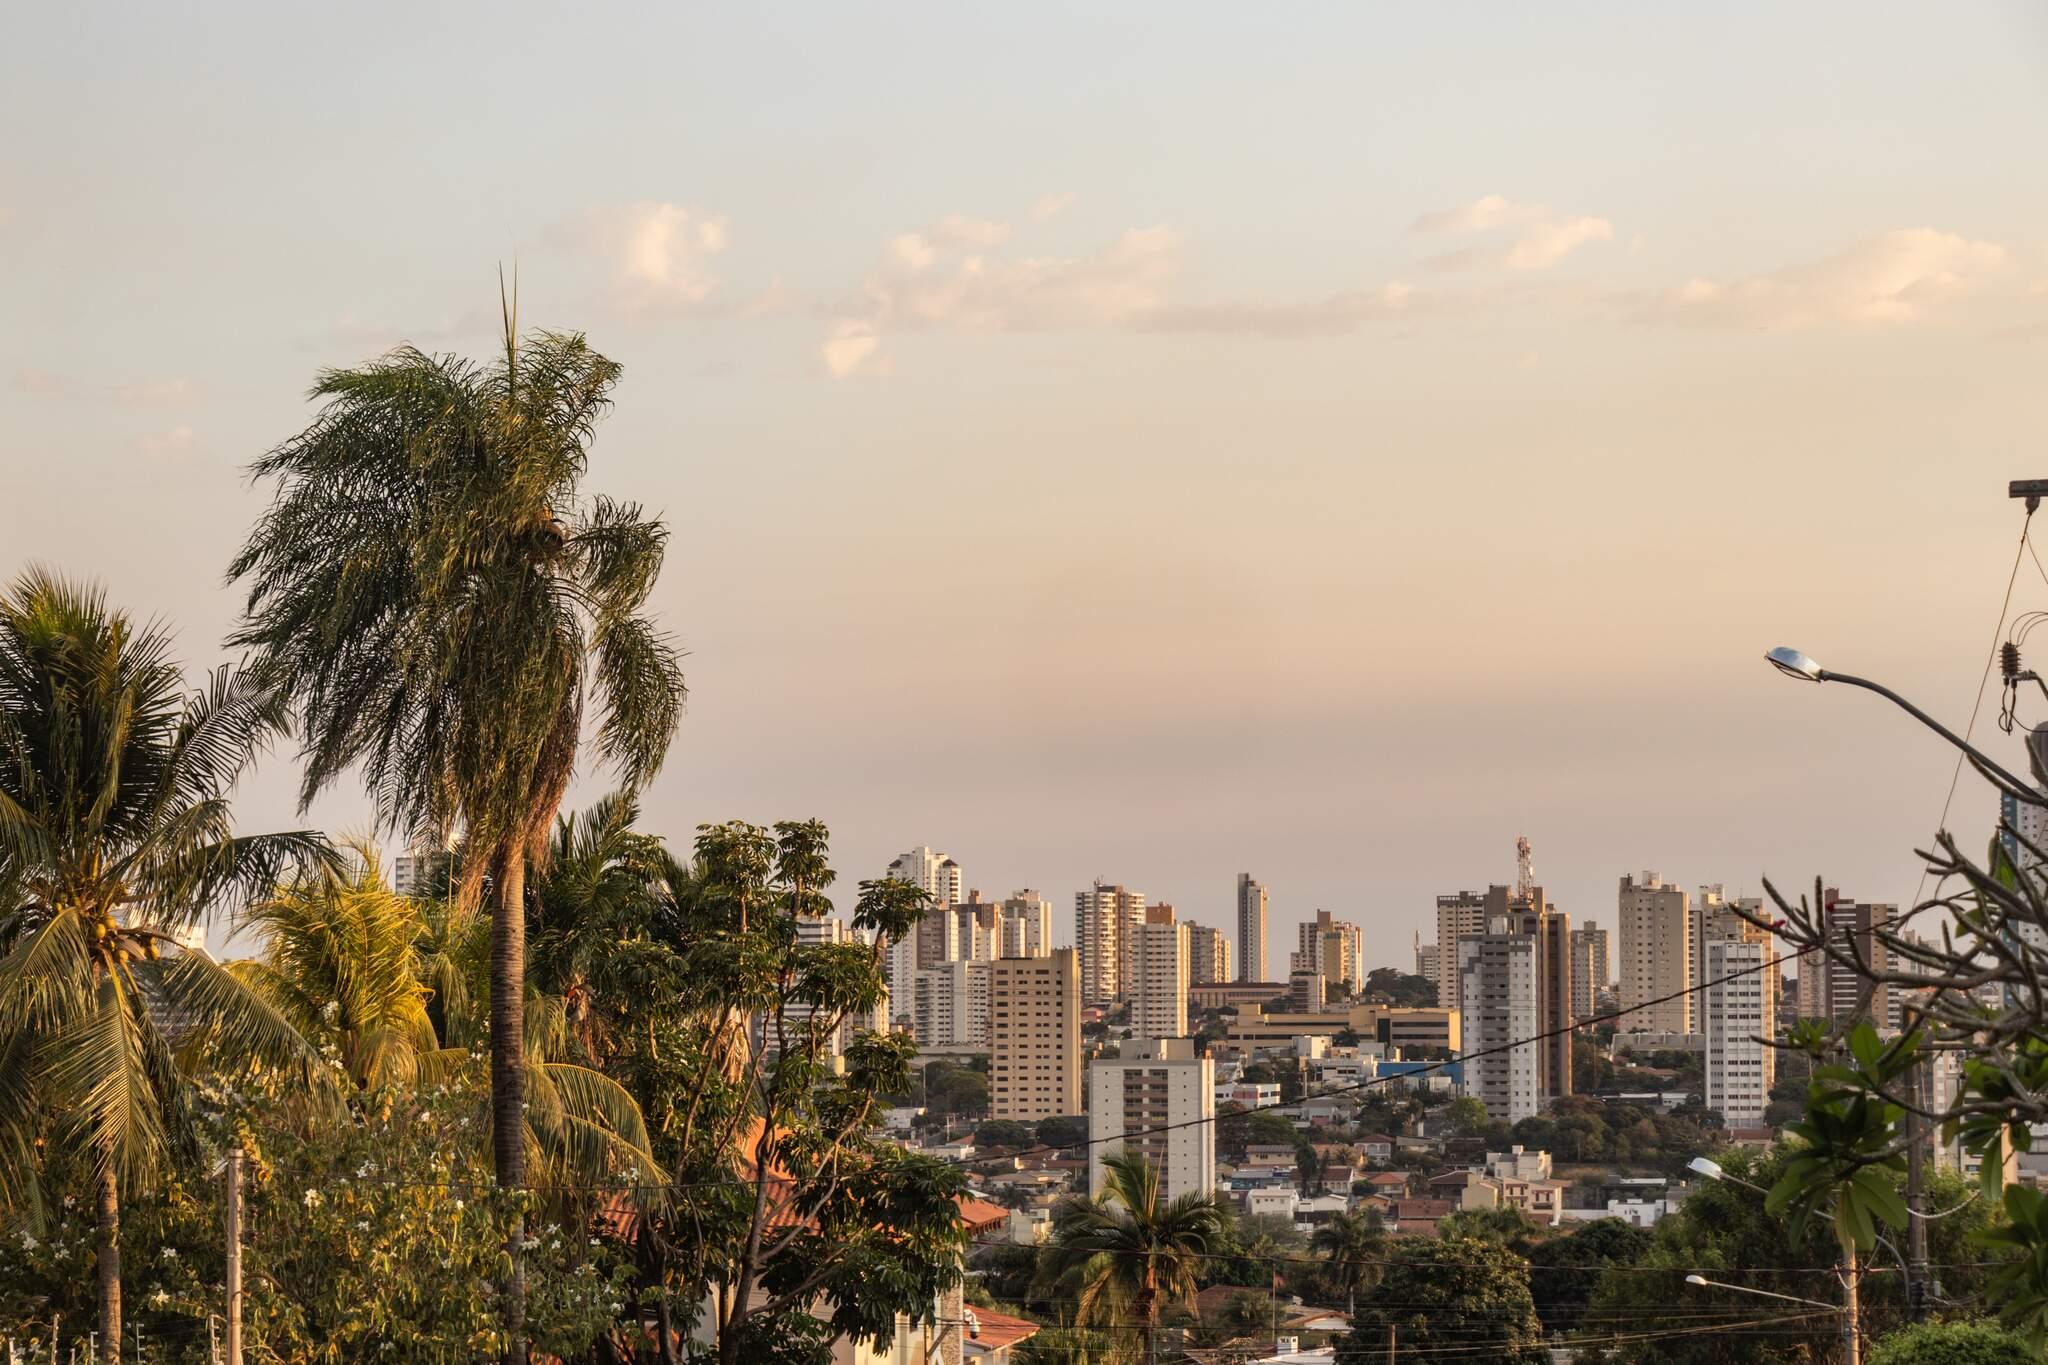 Campo Grande amanheceu com temperatura amena, mas previsão é de calor com máxima de 33ºC (Foto: Henrique Kawaminami)